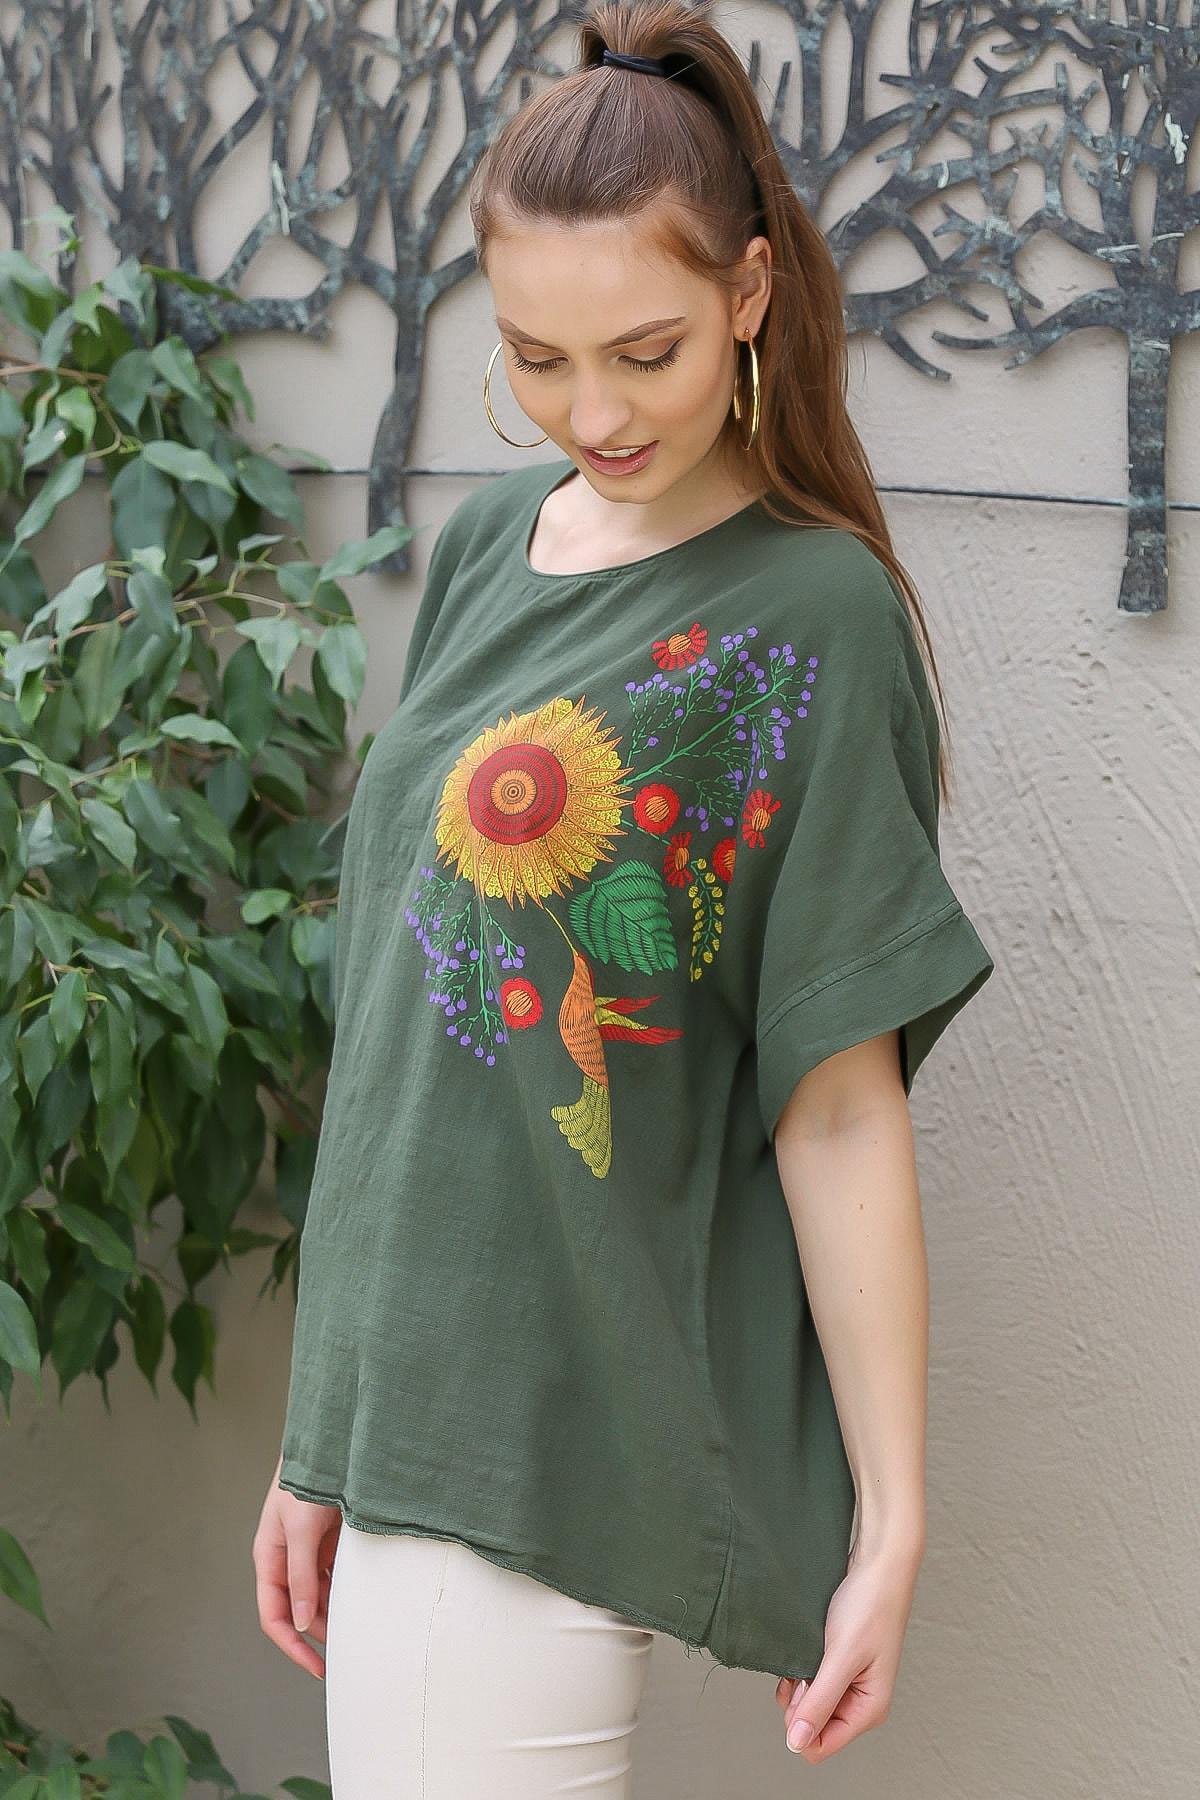 Chiccy Kadın Haki Sıfır Yaka Günebakan Çiçek Desenli Salaş Dokuma Bluz M10010200BL95412 3